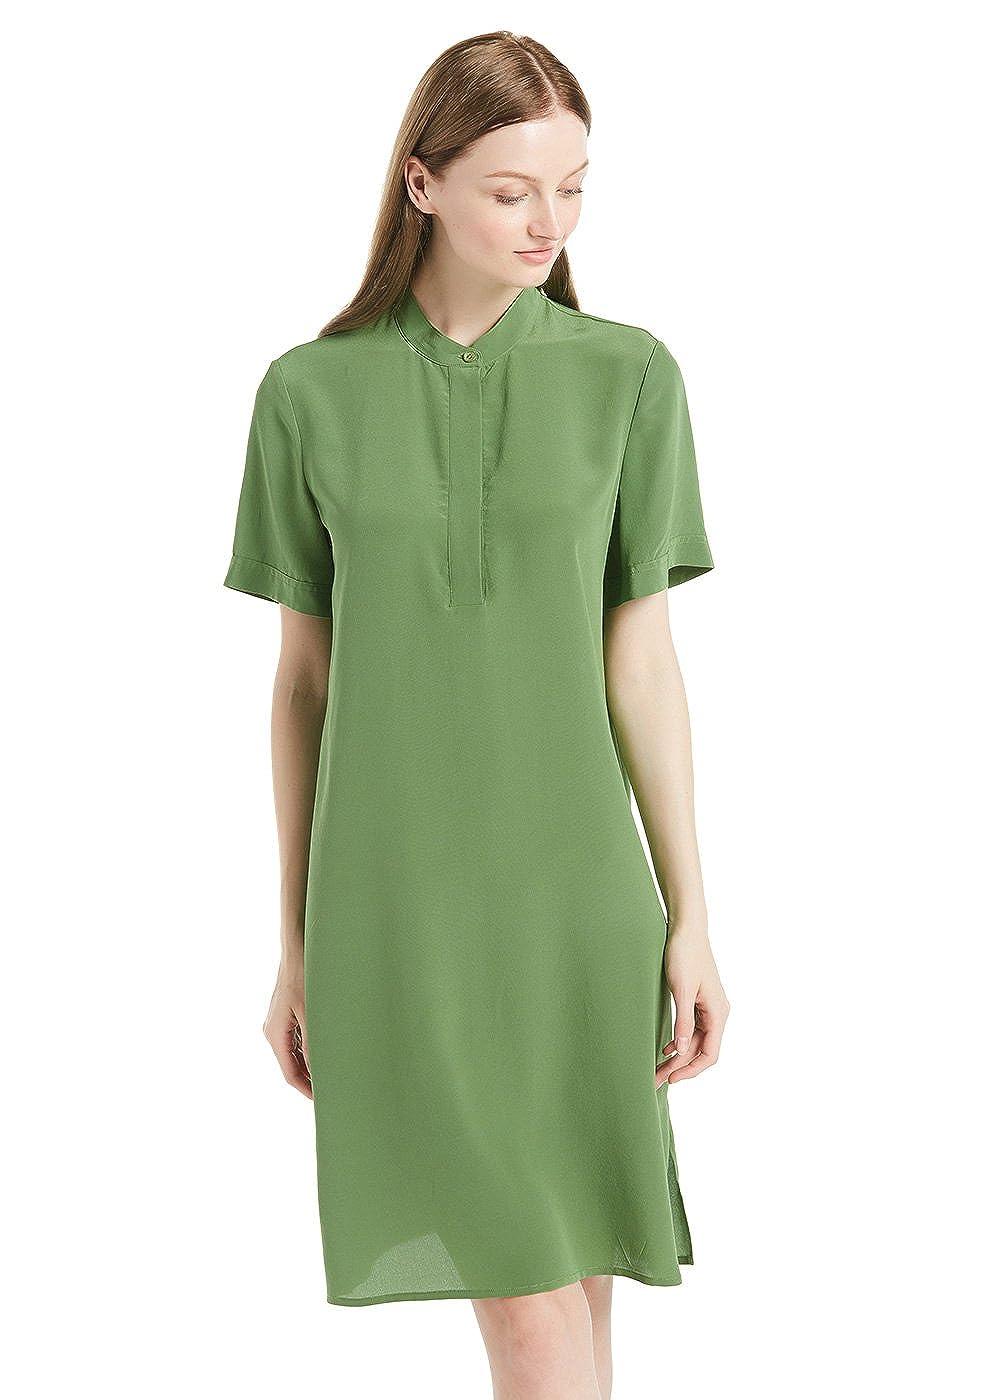 LilySilk Seide Kleider Sommerkleider Damenmode Seidenkleider Damen Kurz 18 Momme Verpackung MEHRWEG